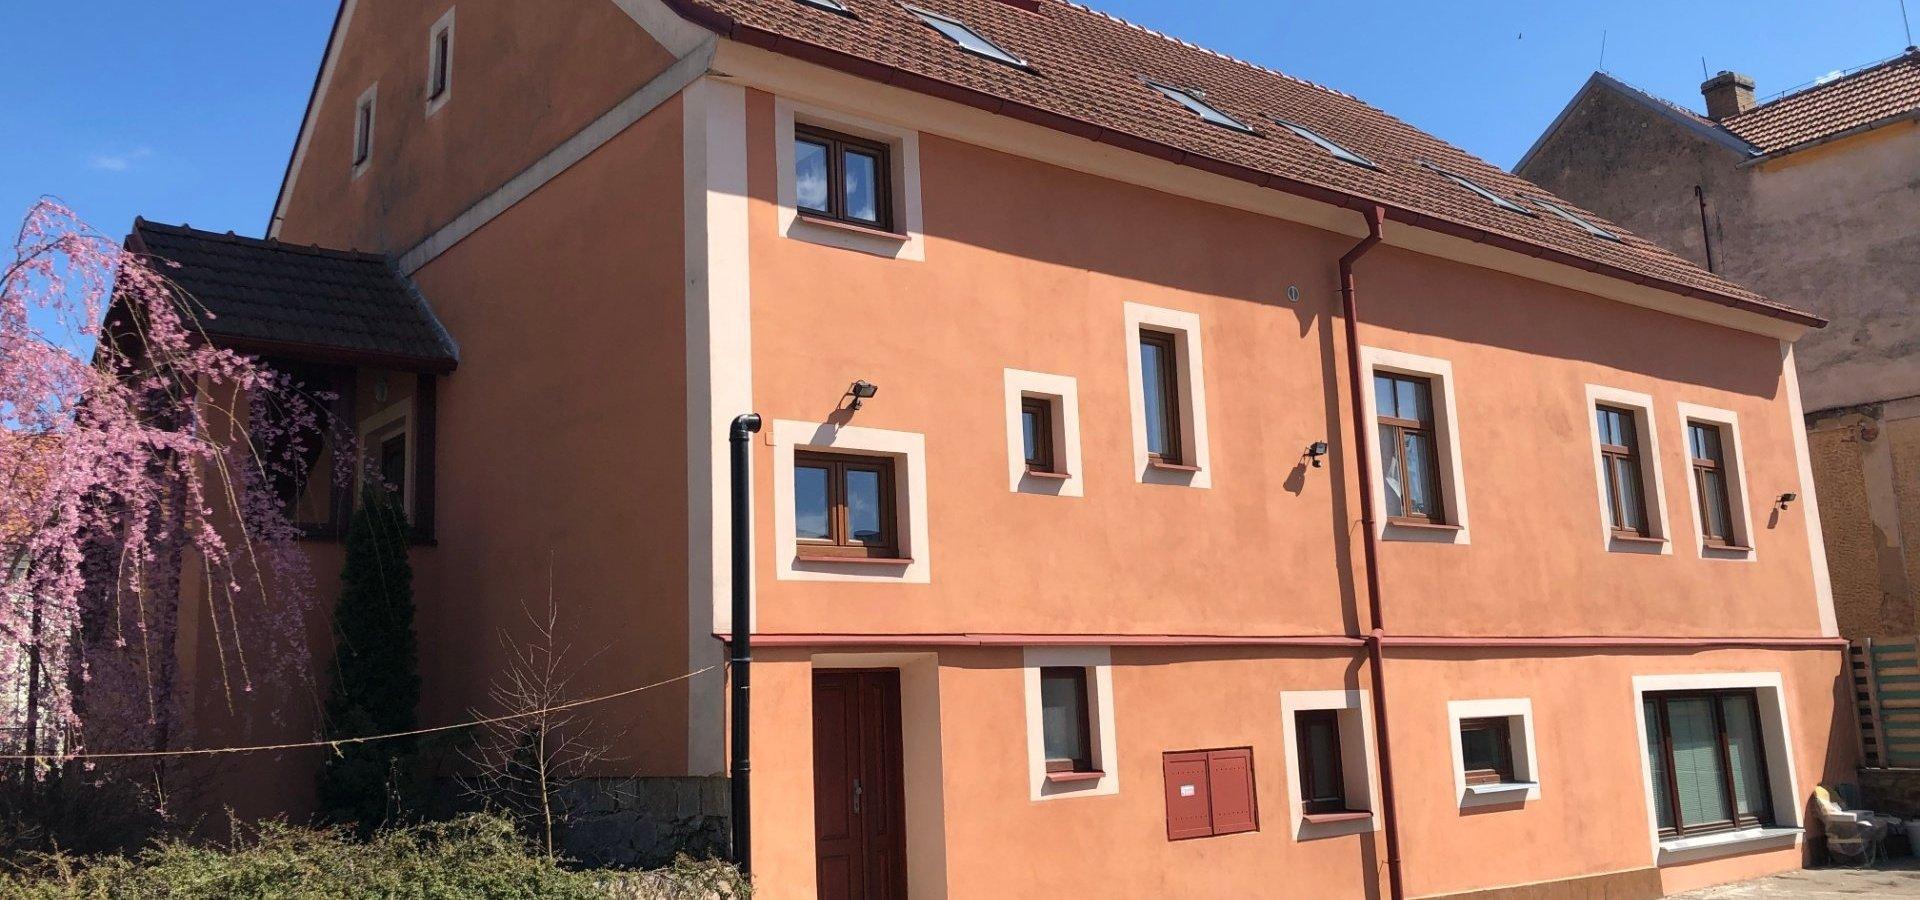 prodej-rodinneho-domu-na-bydleni-i-investici-477m2-telc-img-6160-af8bea